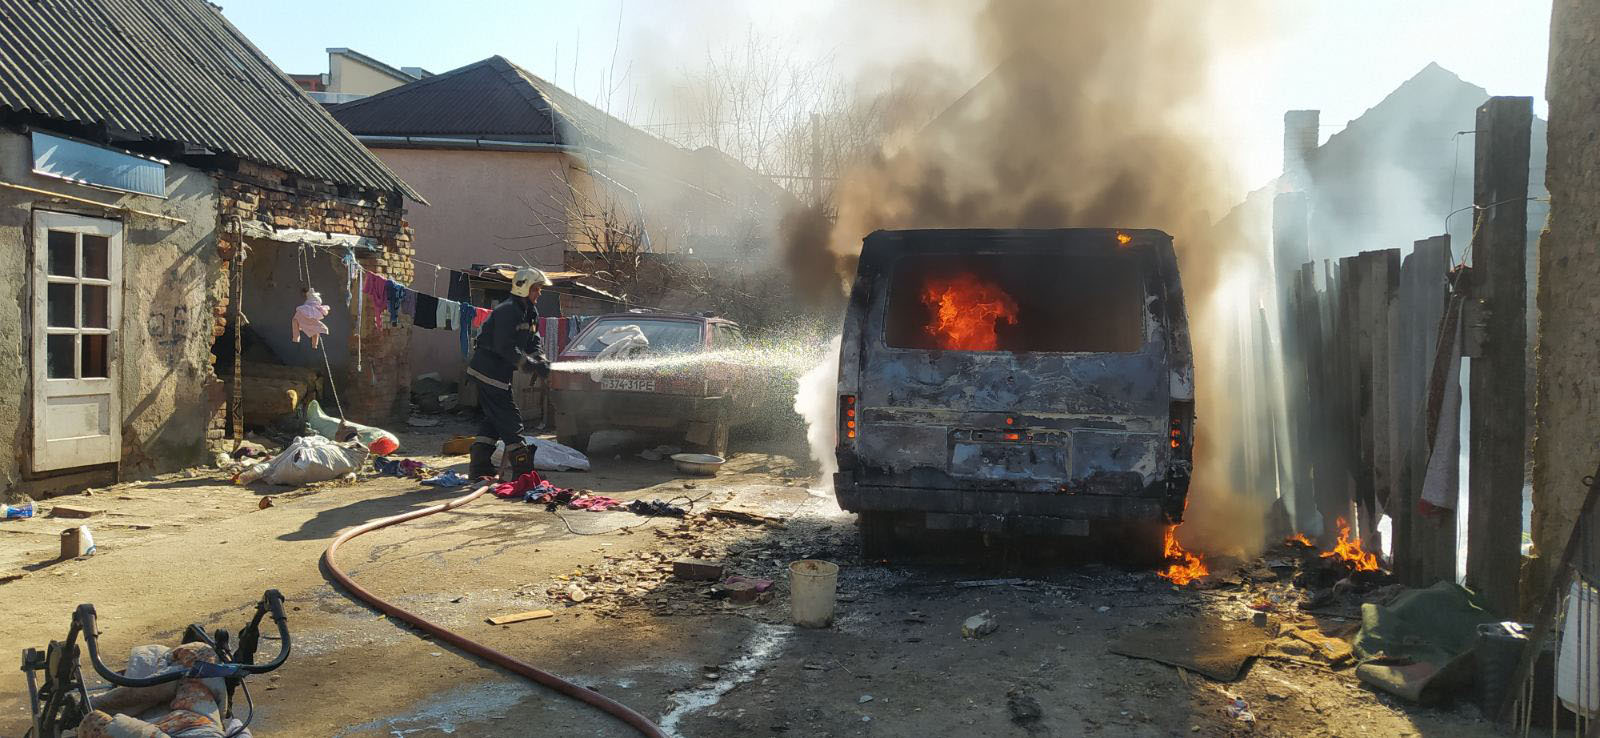 Через дитячі пустощі з вогнем у Берегові згорів мікроавтобус